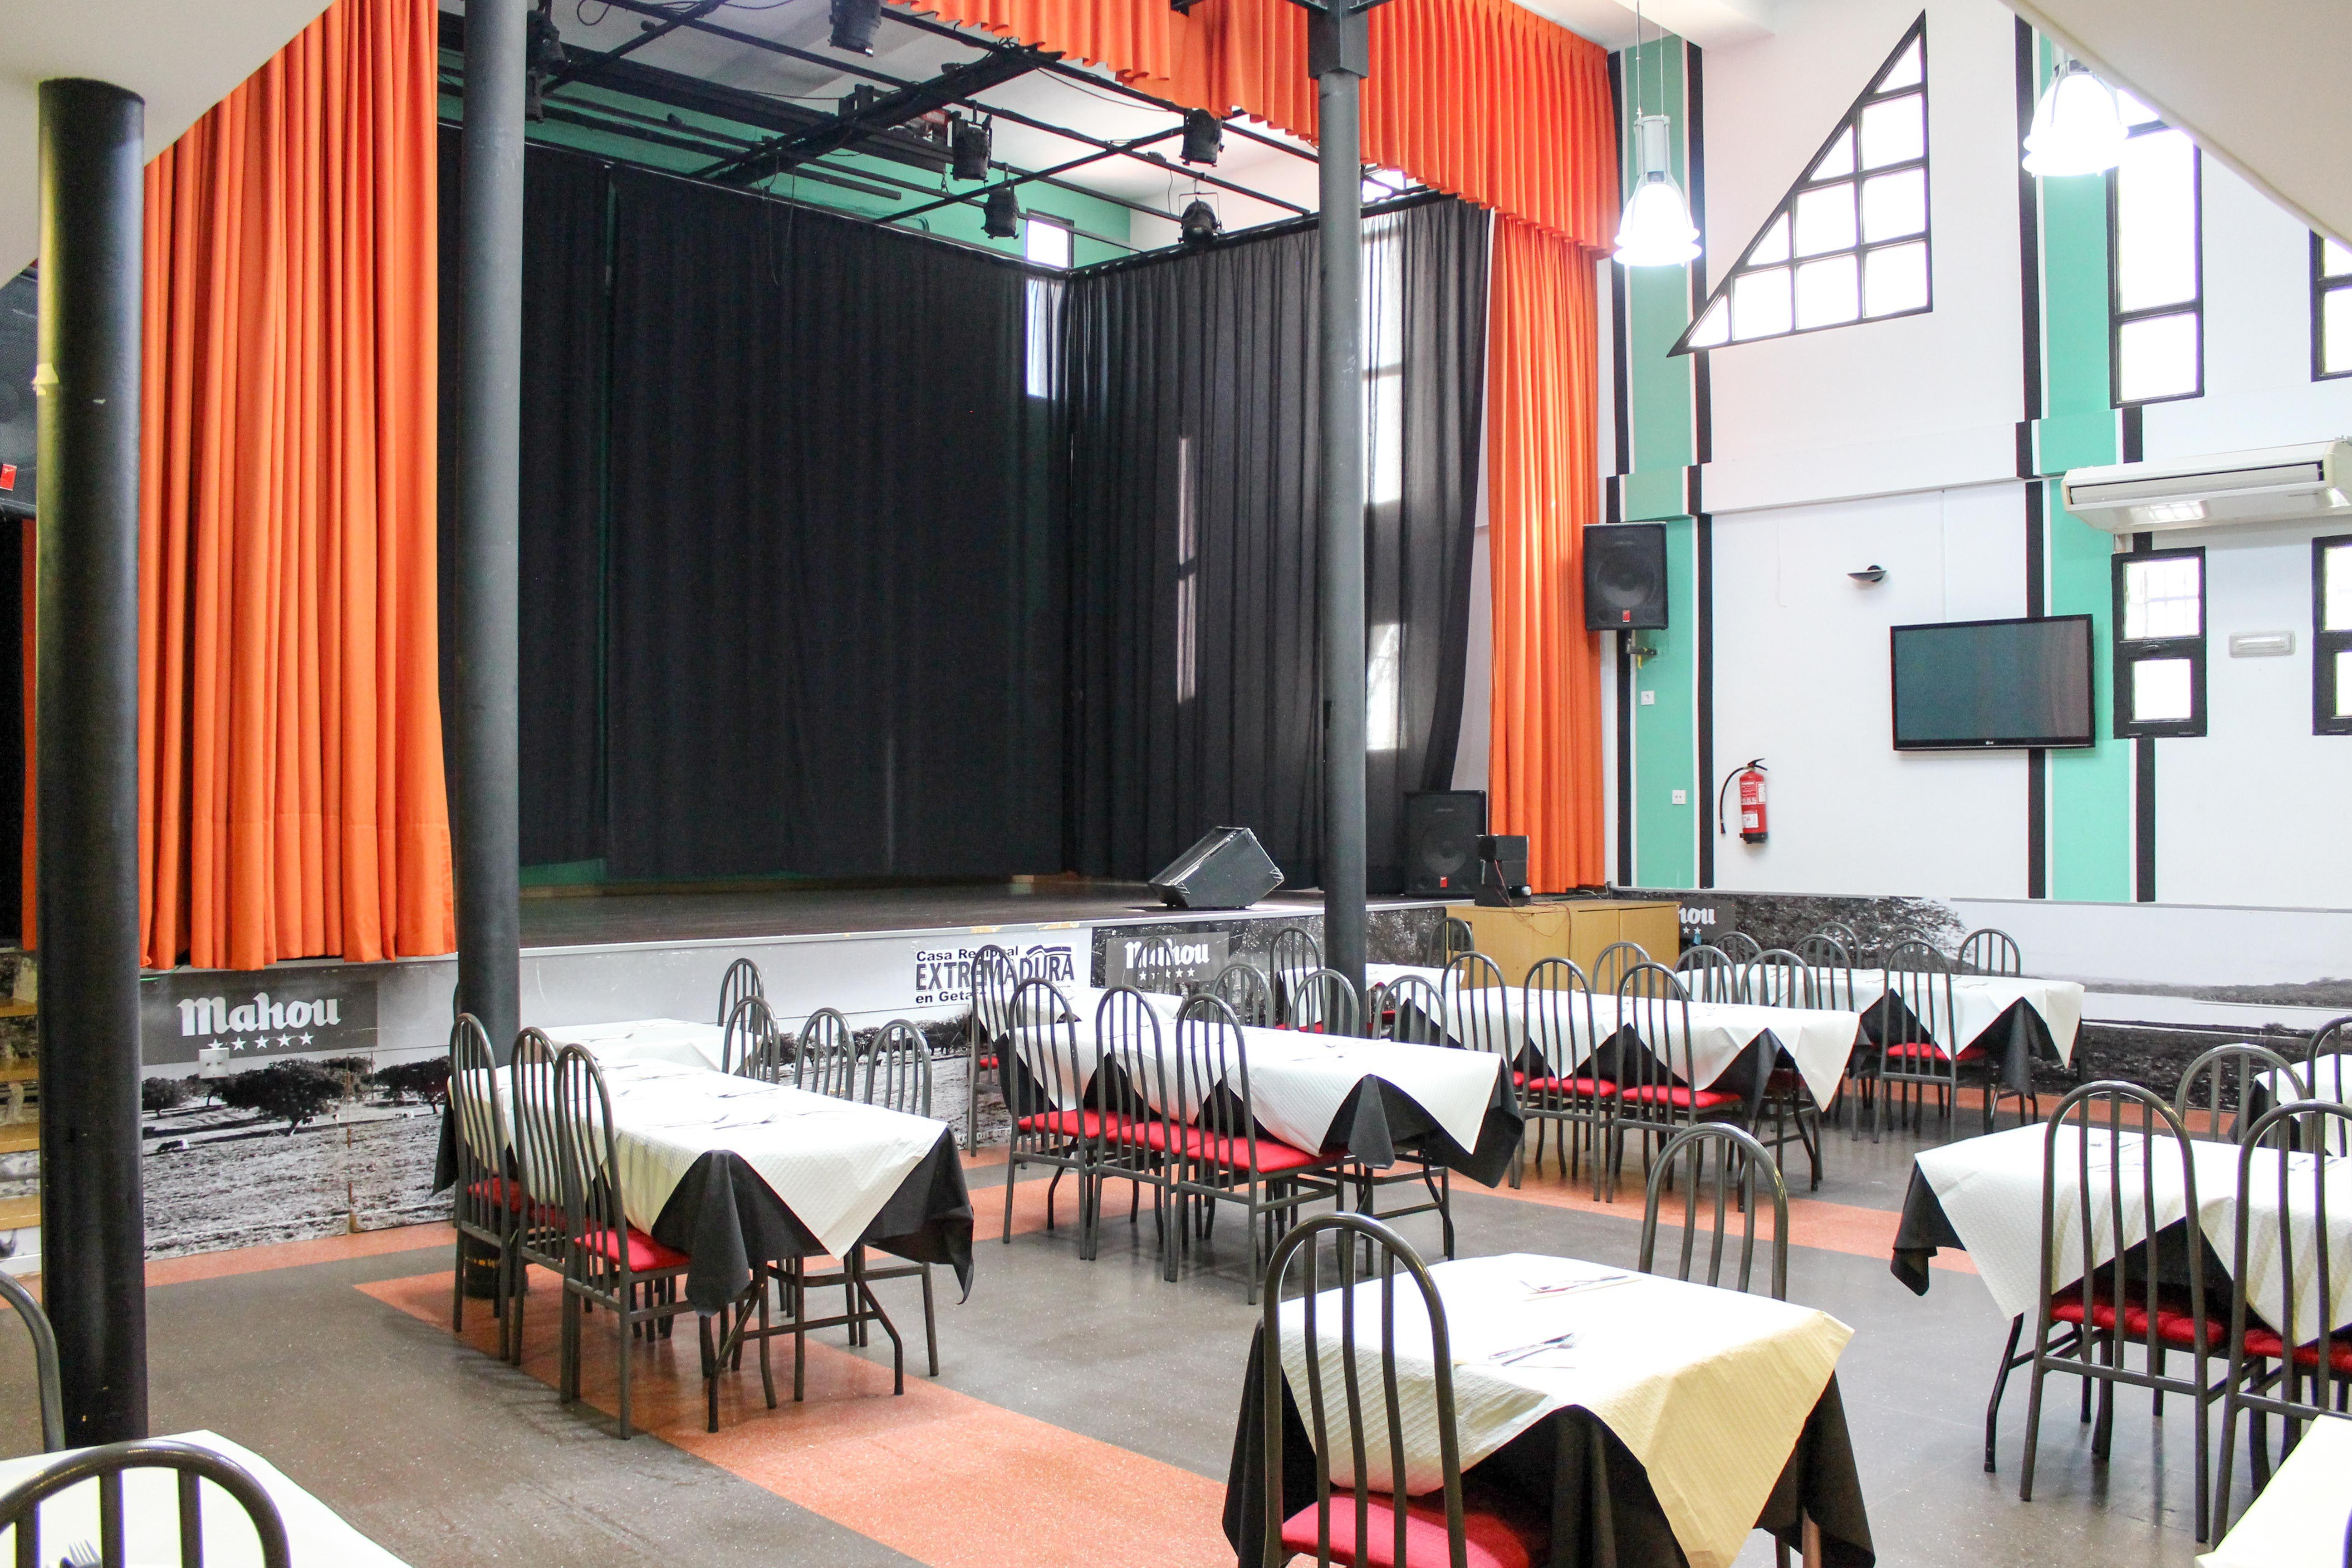 Foto 3 de Amplia variedad de raciones, bocadillos y paletos en Getafe | Restaurante Casa Extremadura